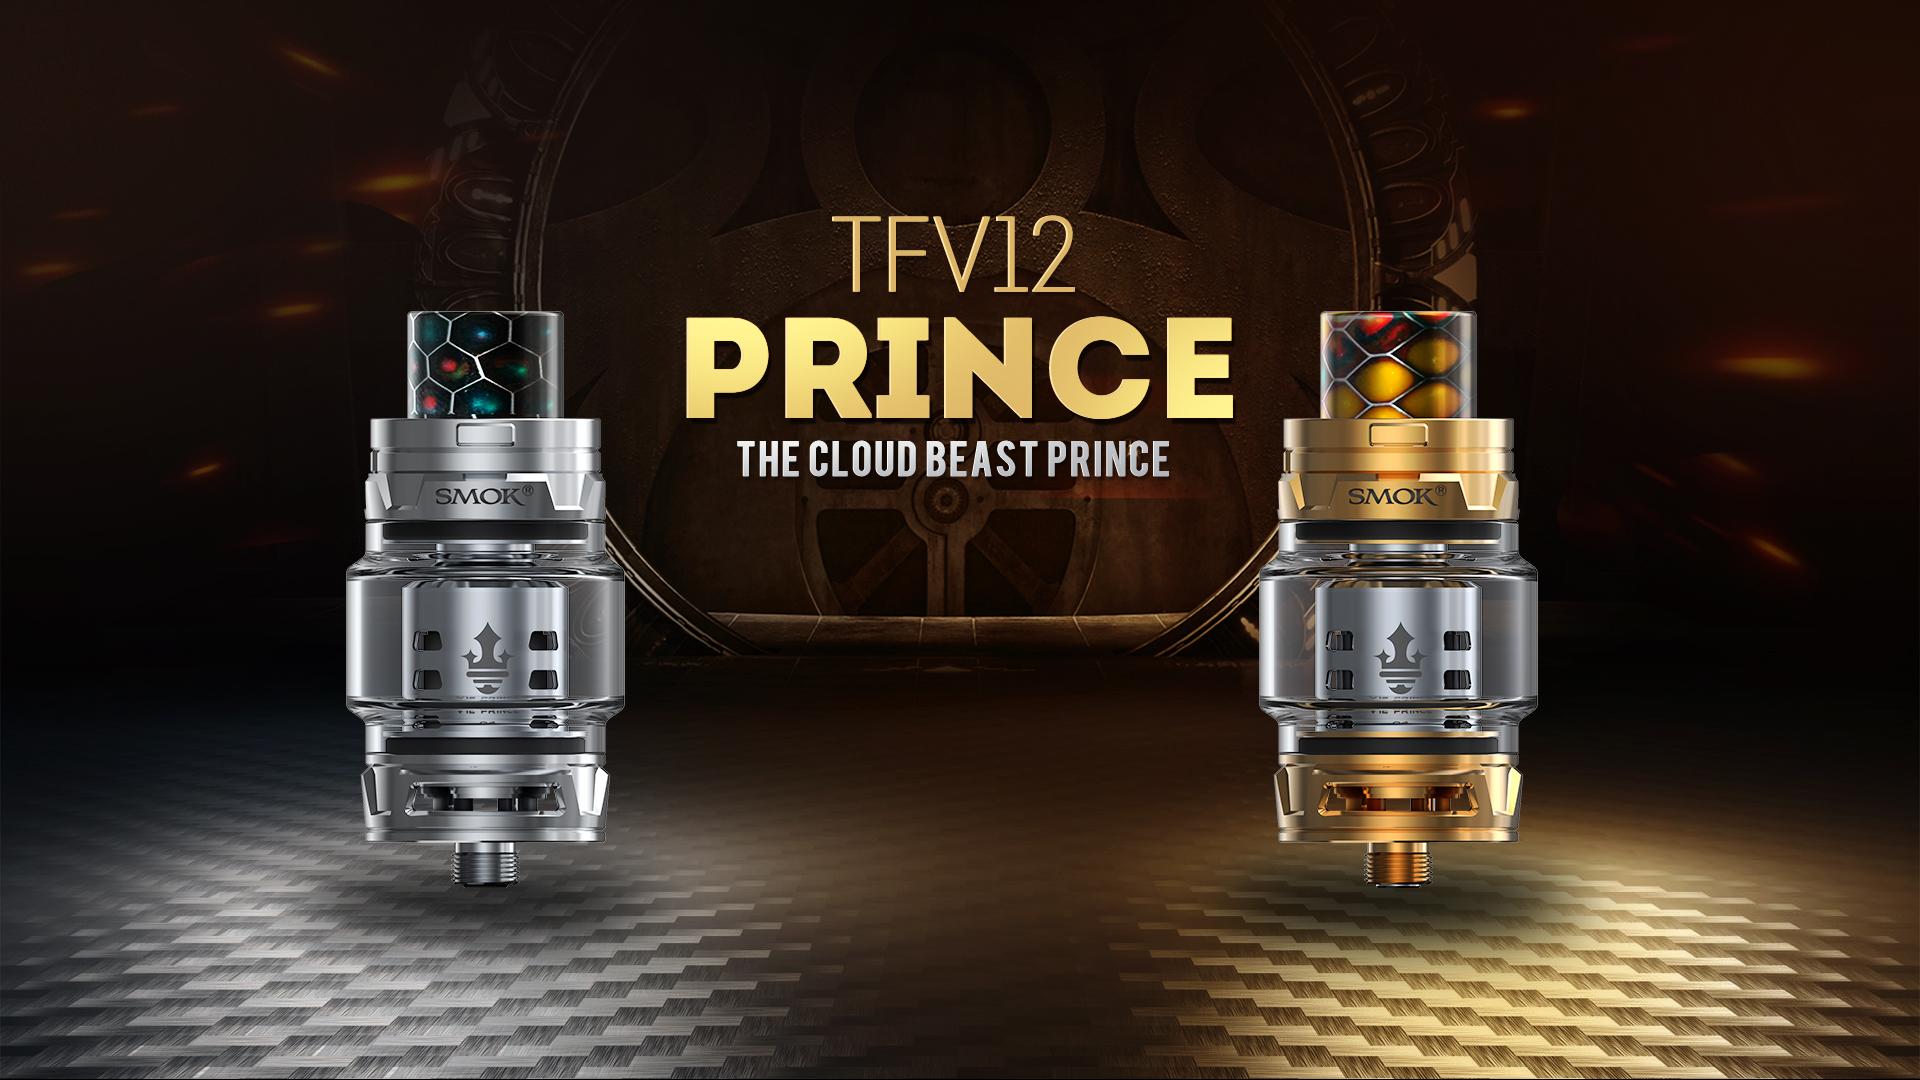 TFV12 Prince